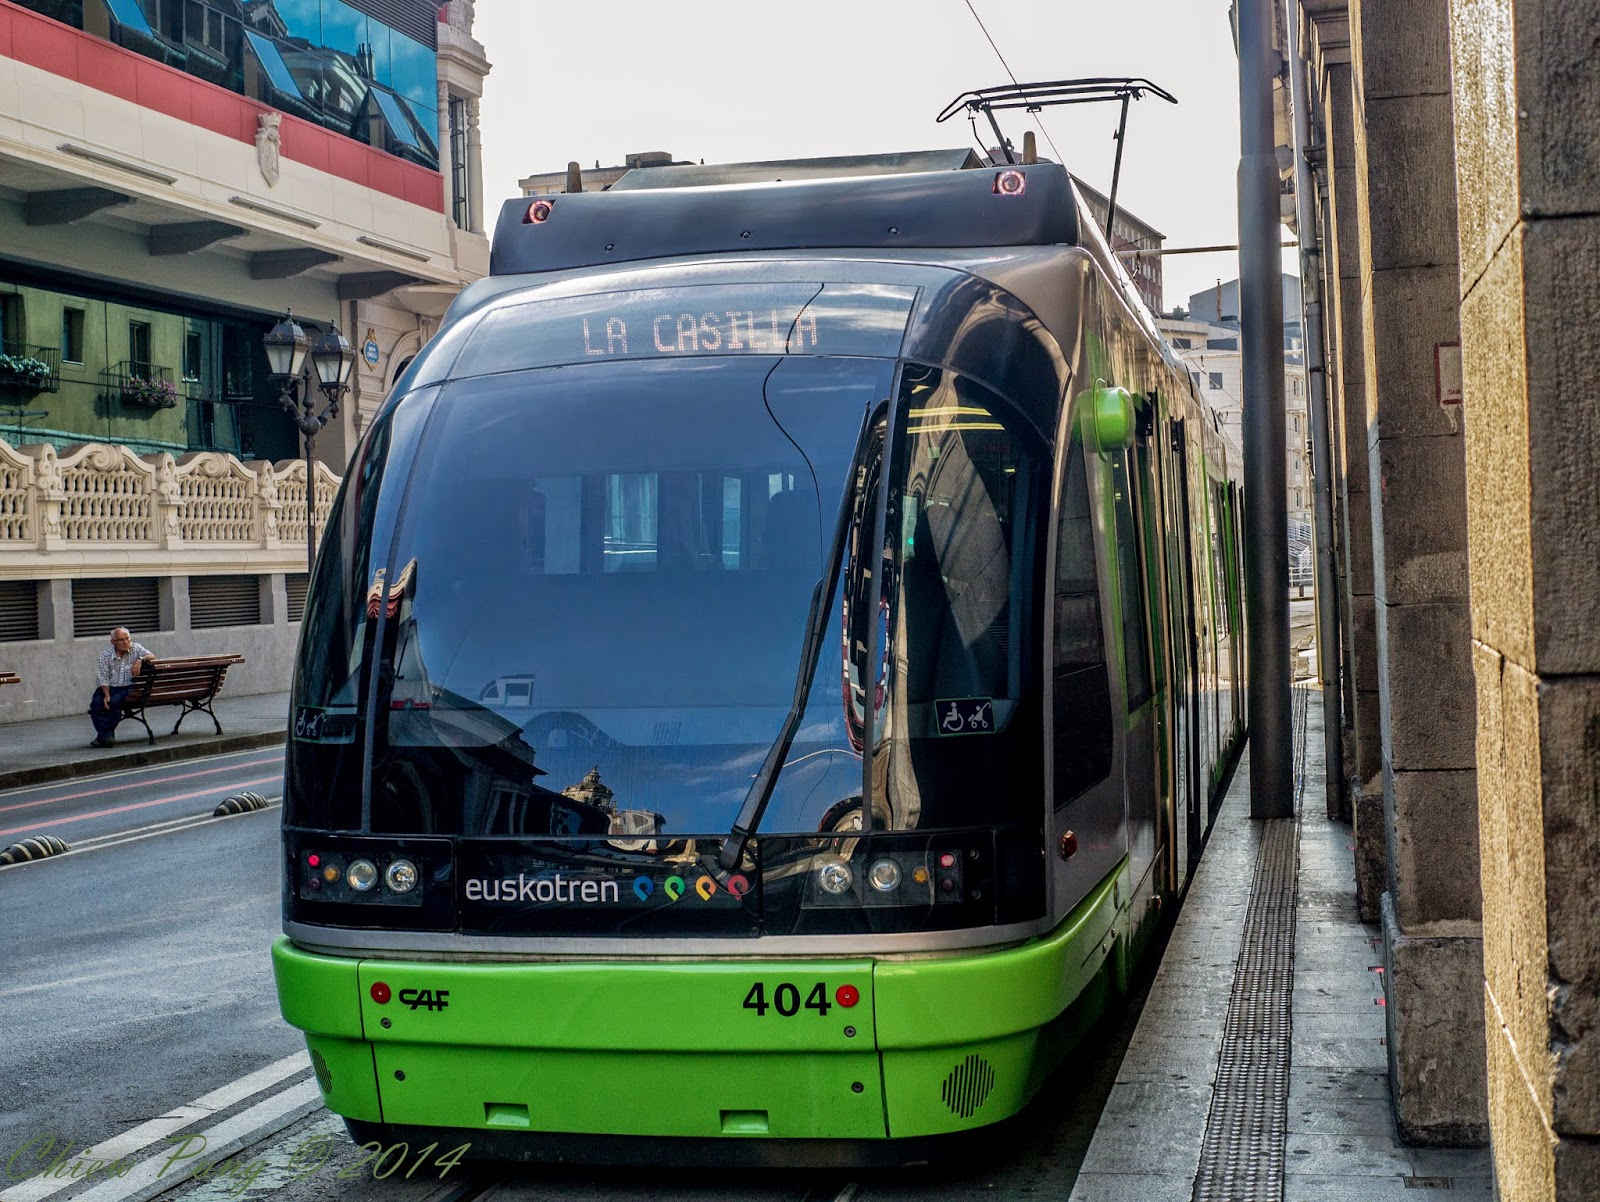 Tram in Bilbao